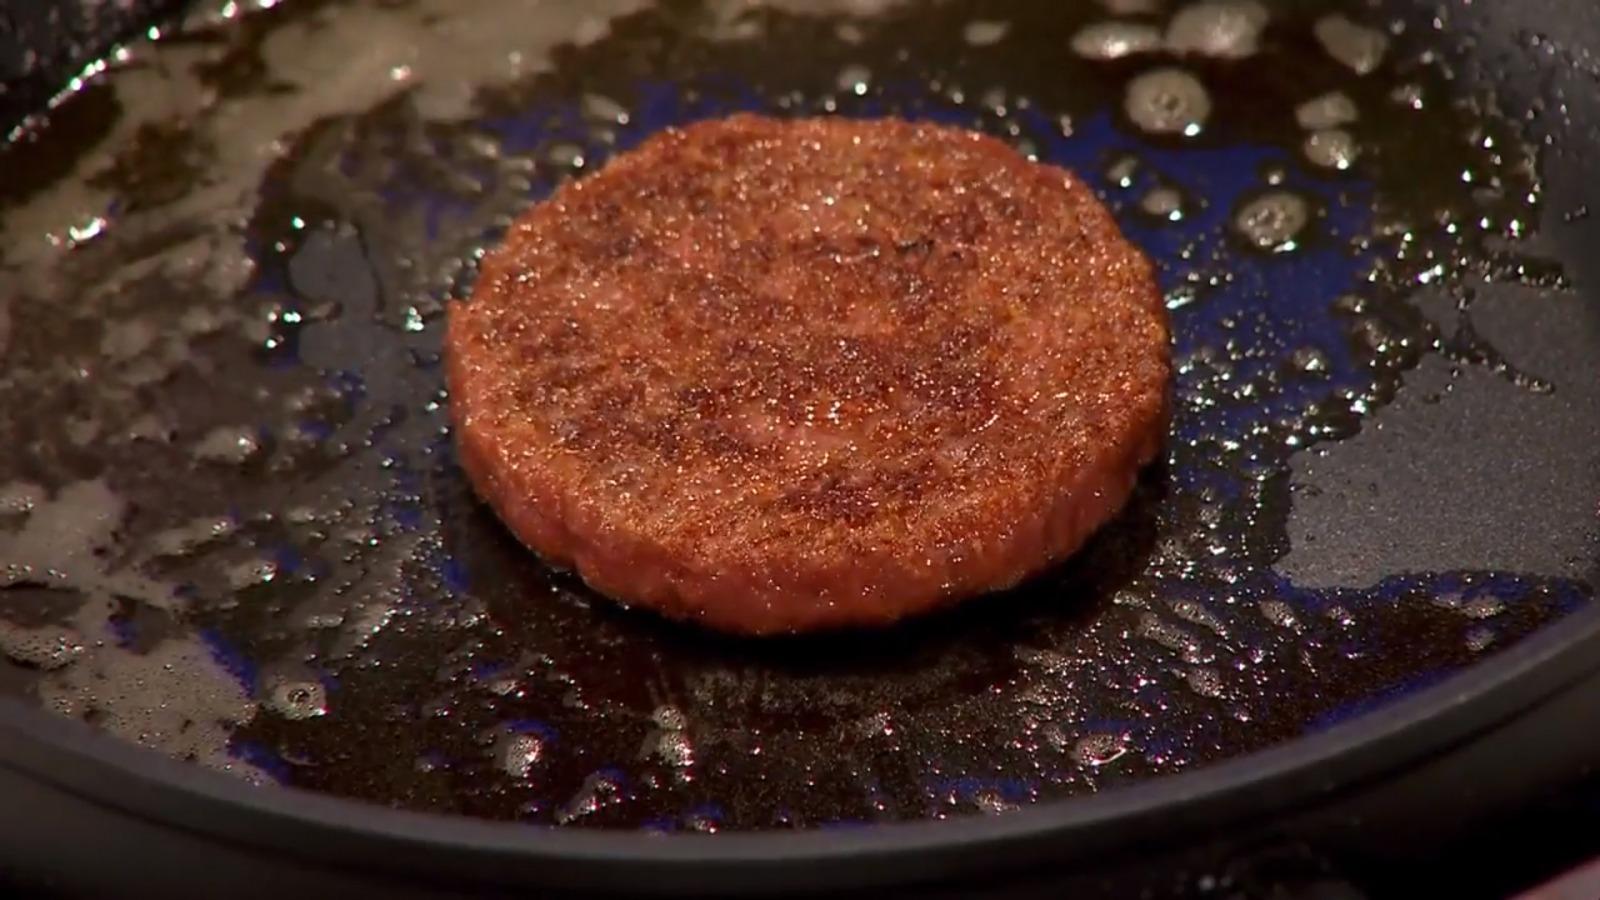 labor fleisch First cultured hamburger world economic forum wikiccby30